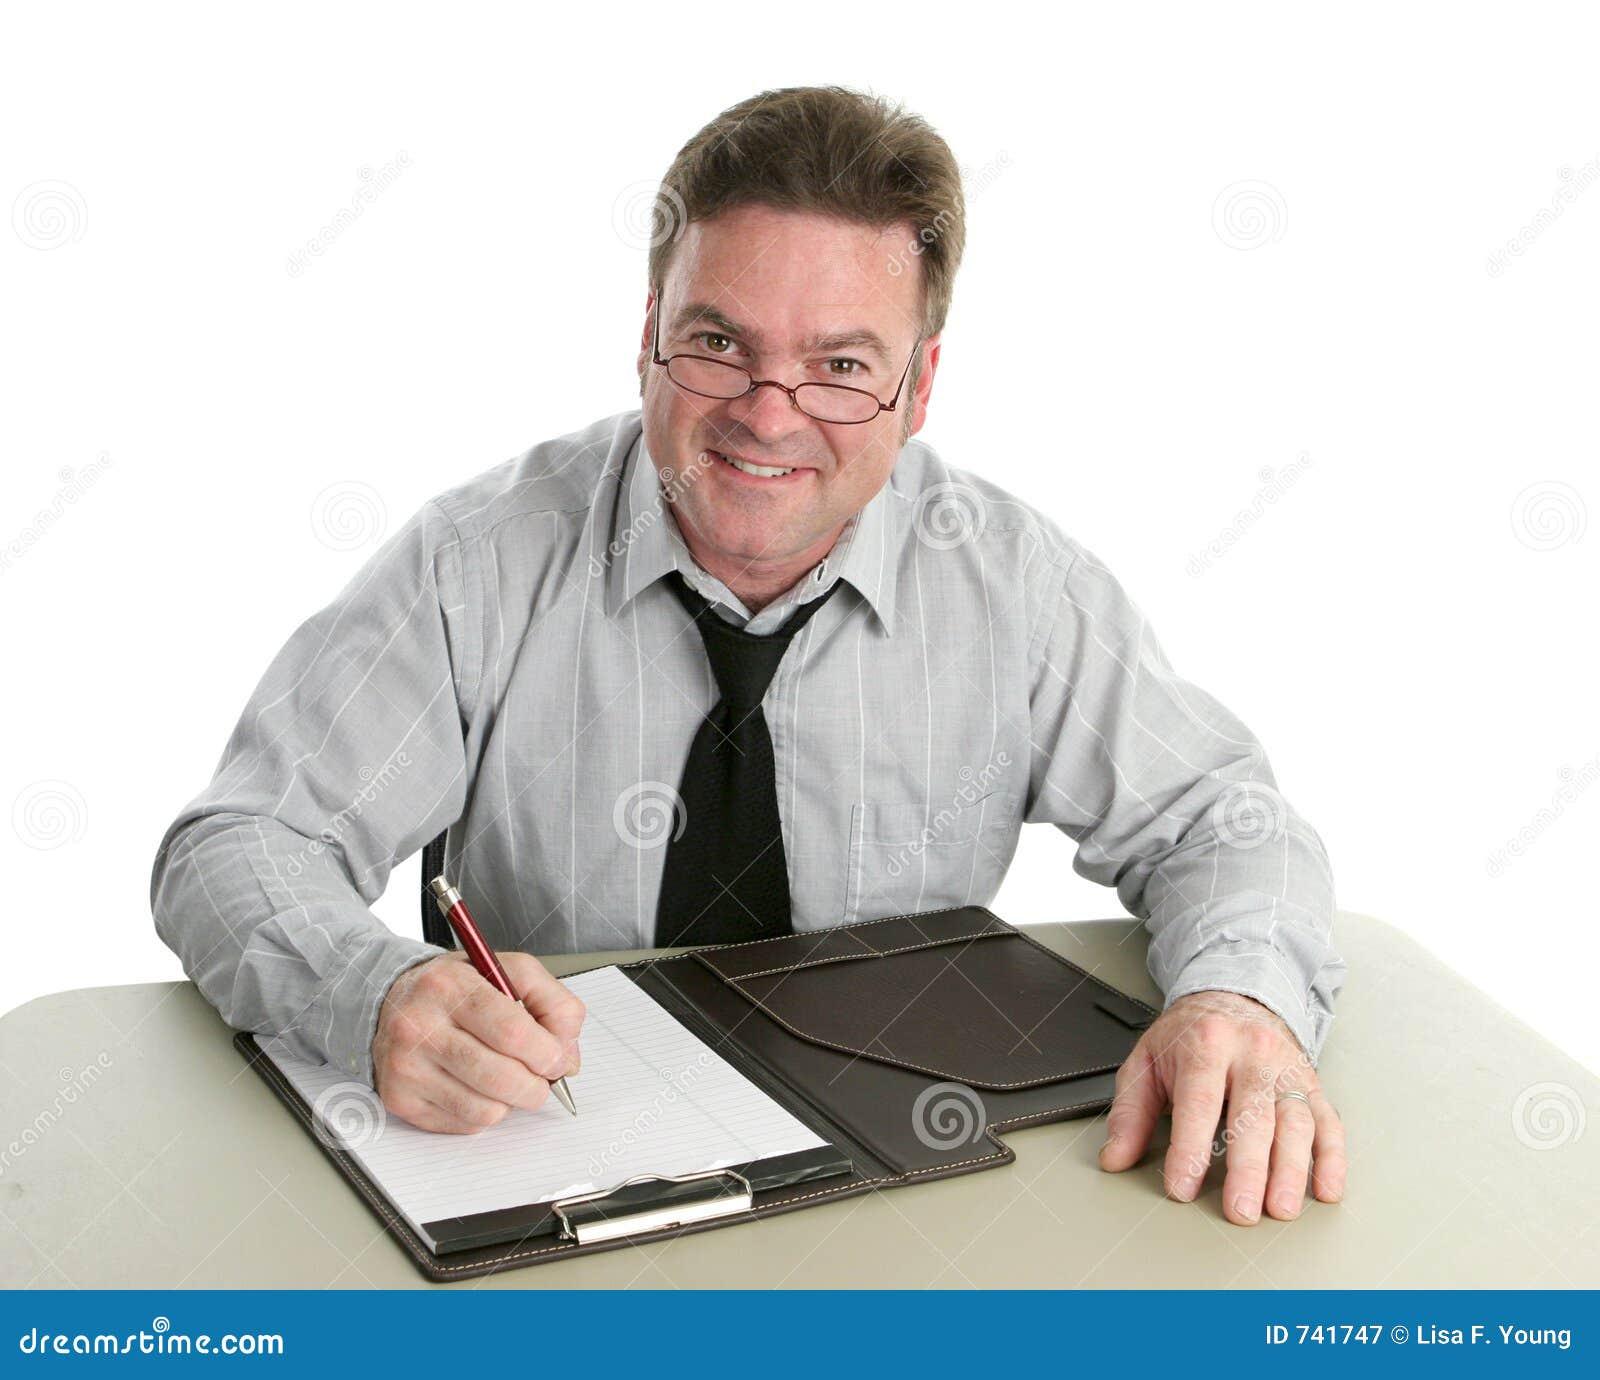 Employé de bureau - utile